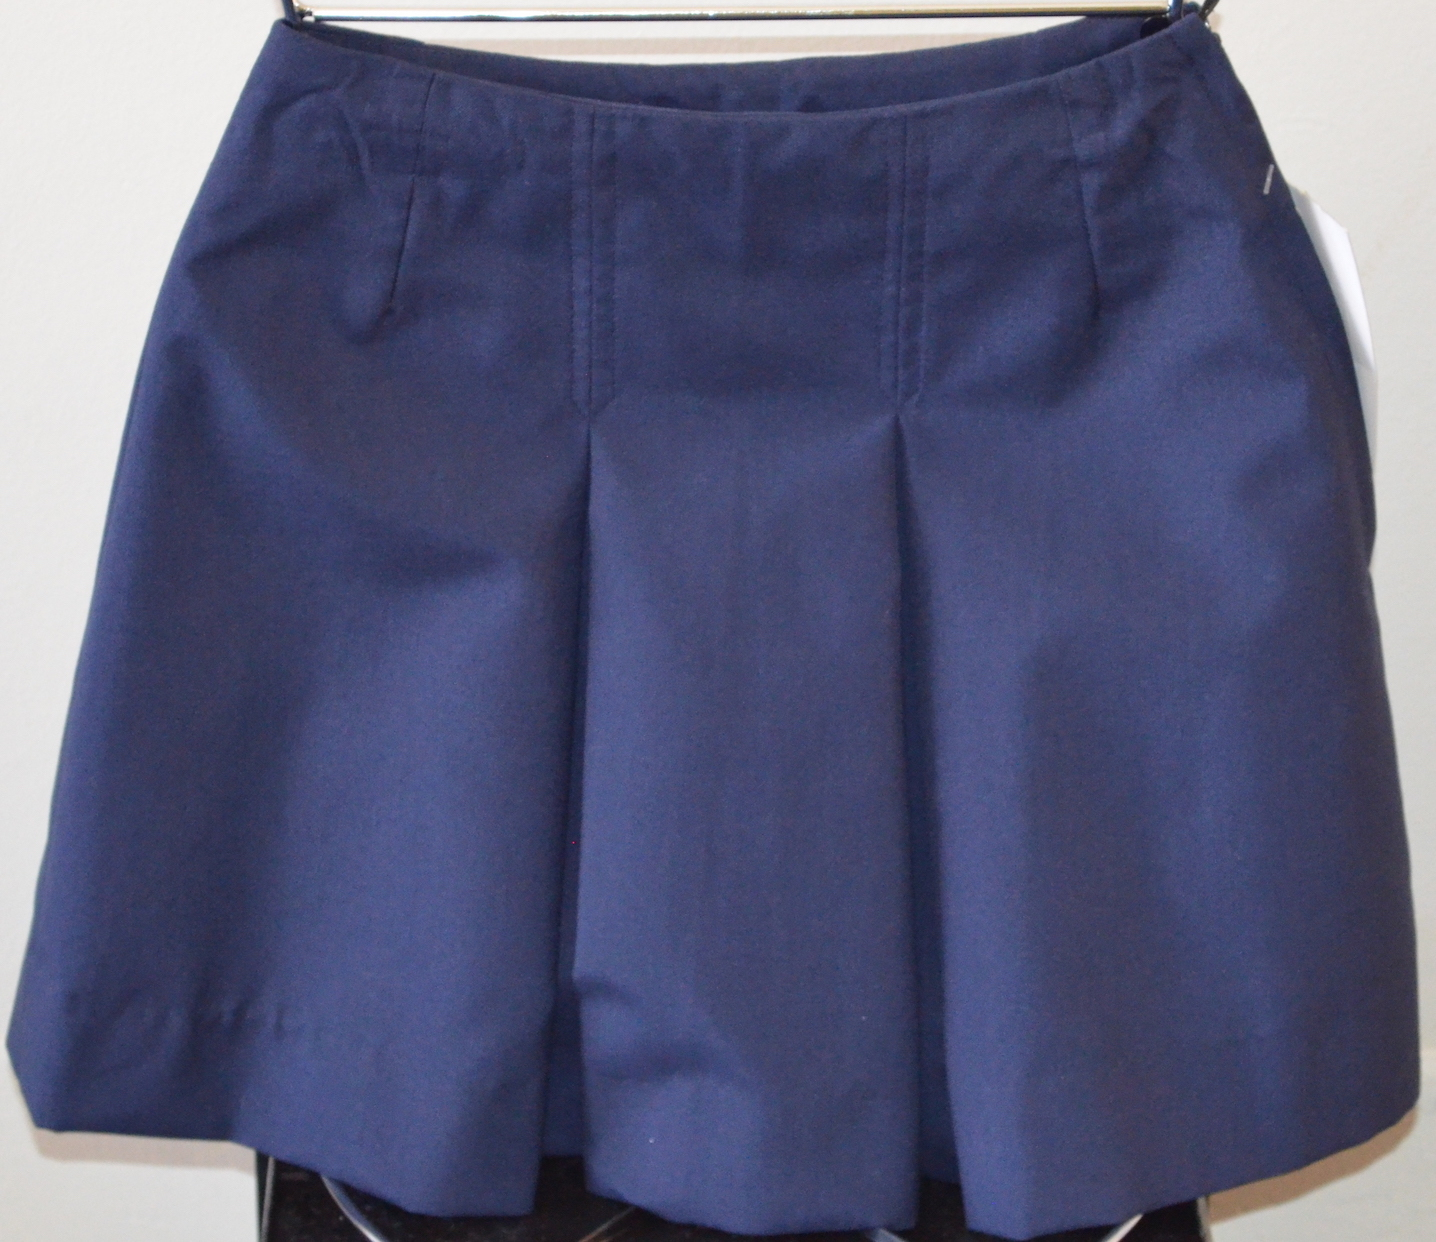 Junior pleated skirt